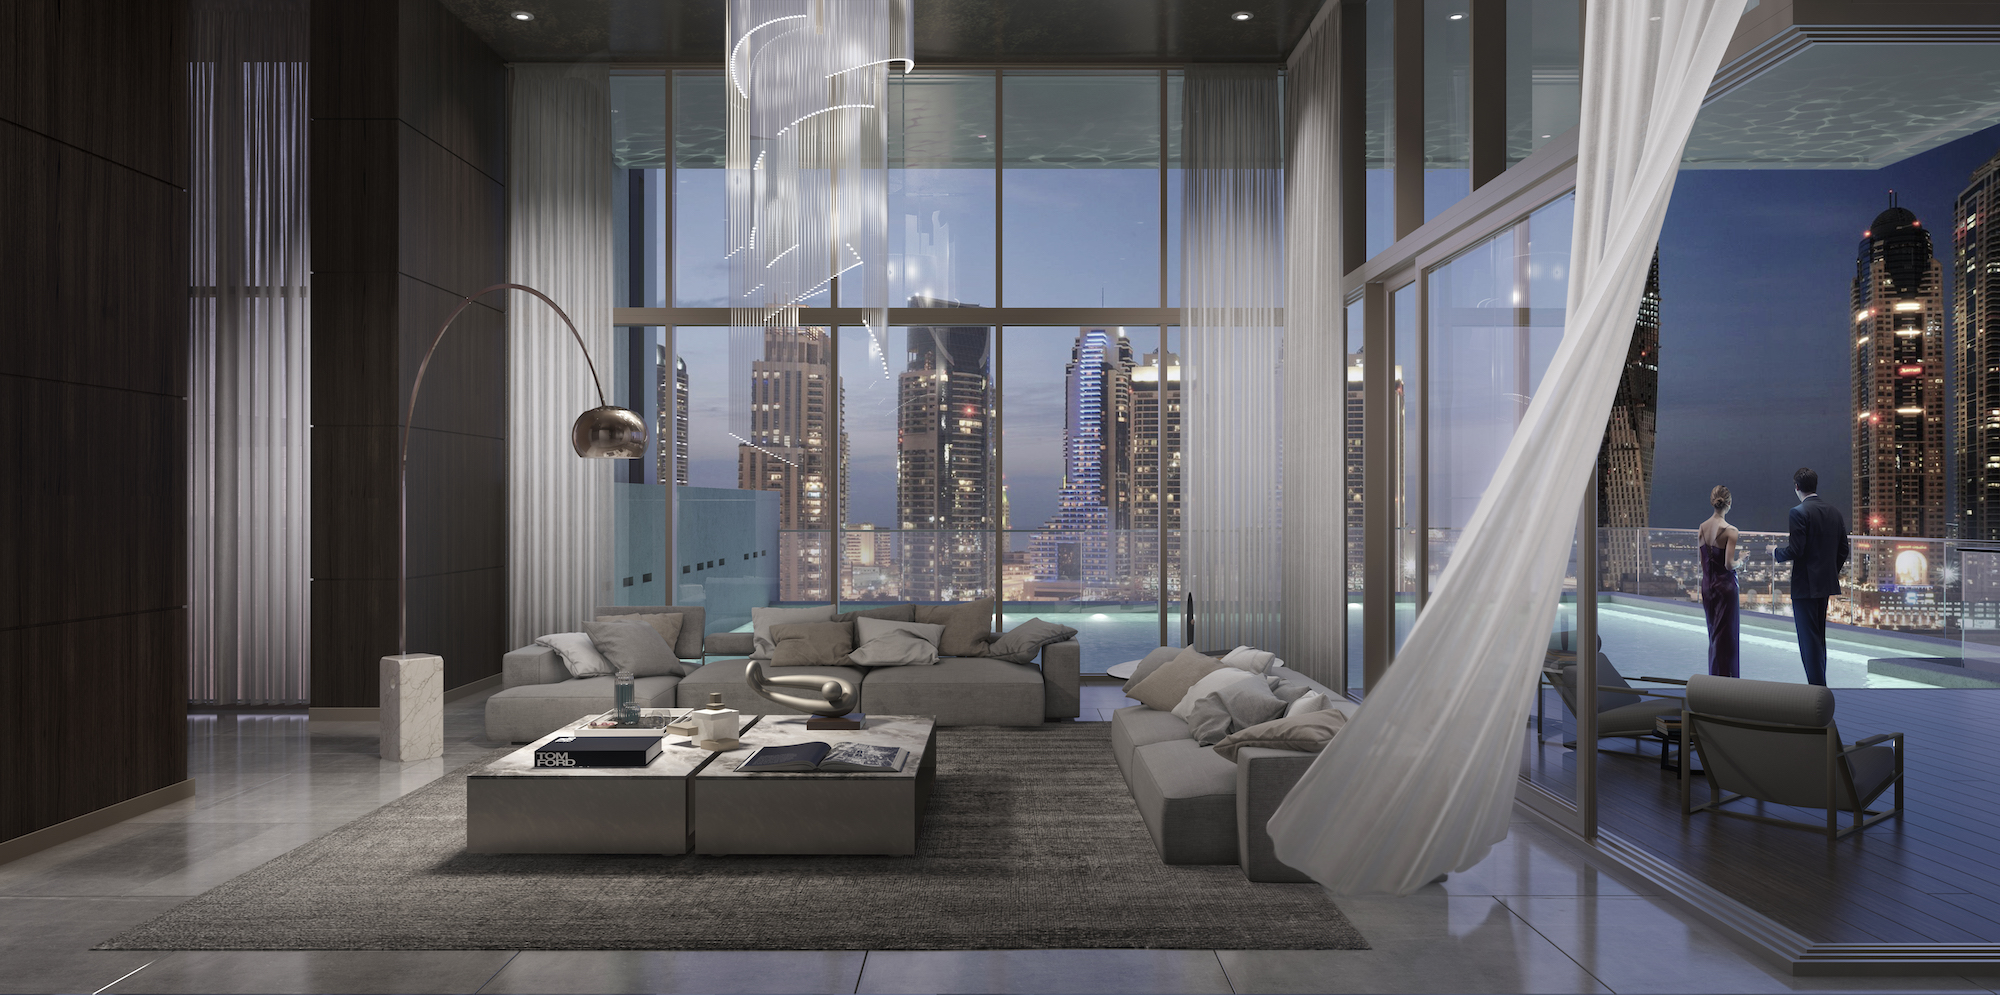 BIM Master's Interior Design